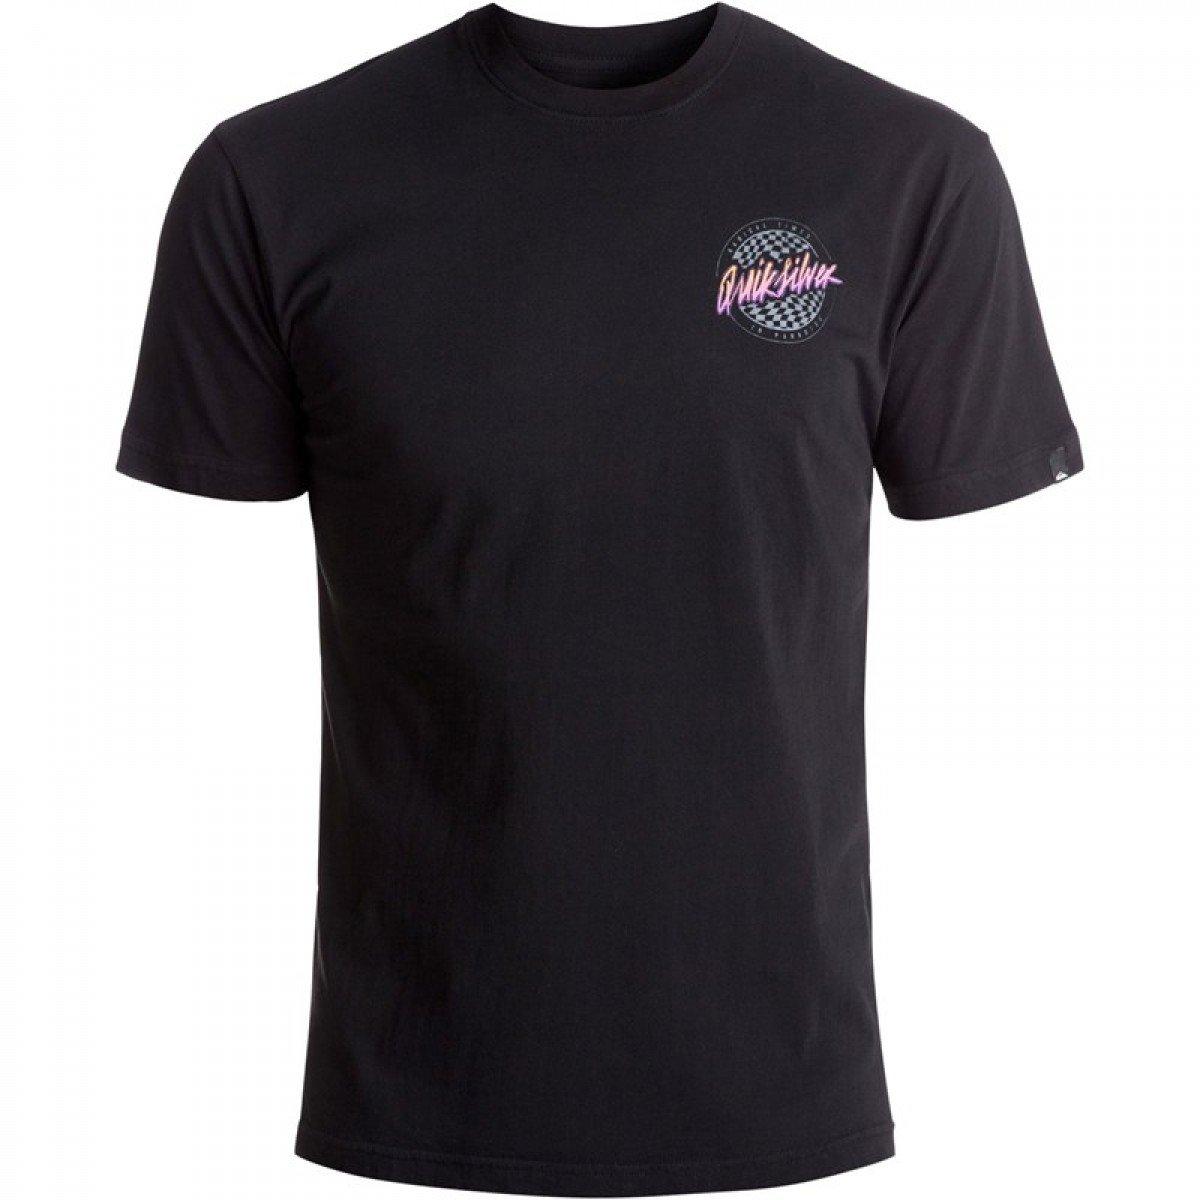 Camiseta Quiksilver Basica Sand Storm - Preta